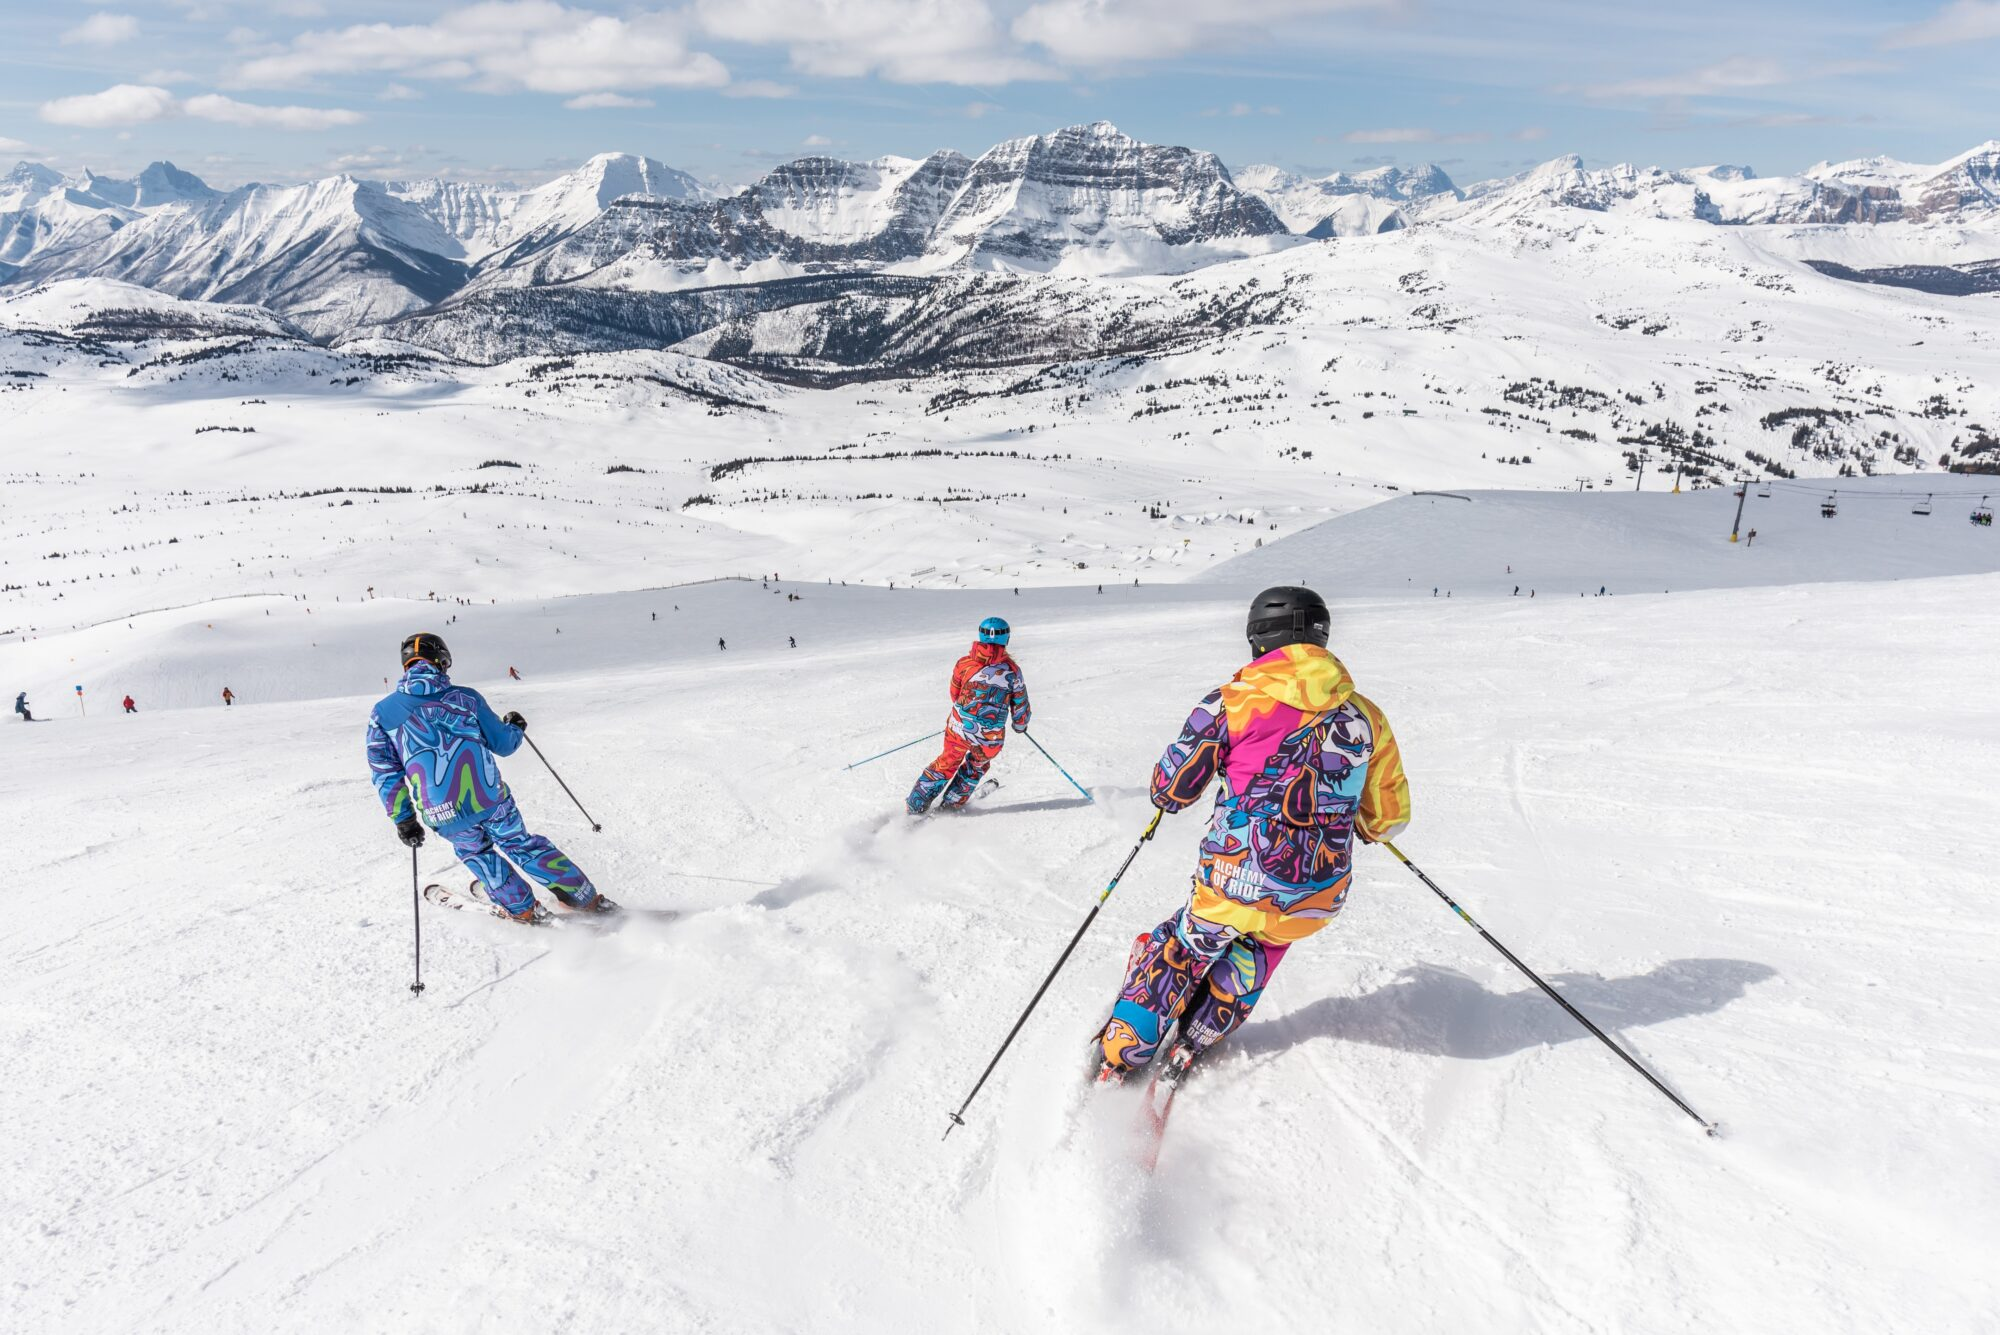 Længtes du også efter at komme på ski? JeresSkirejse.dk har din ryg!